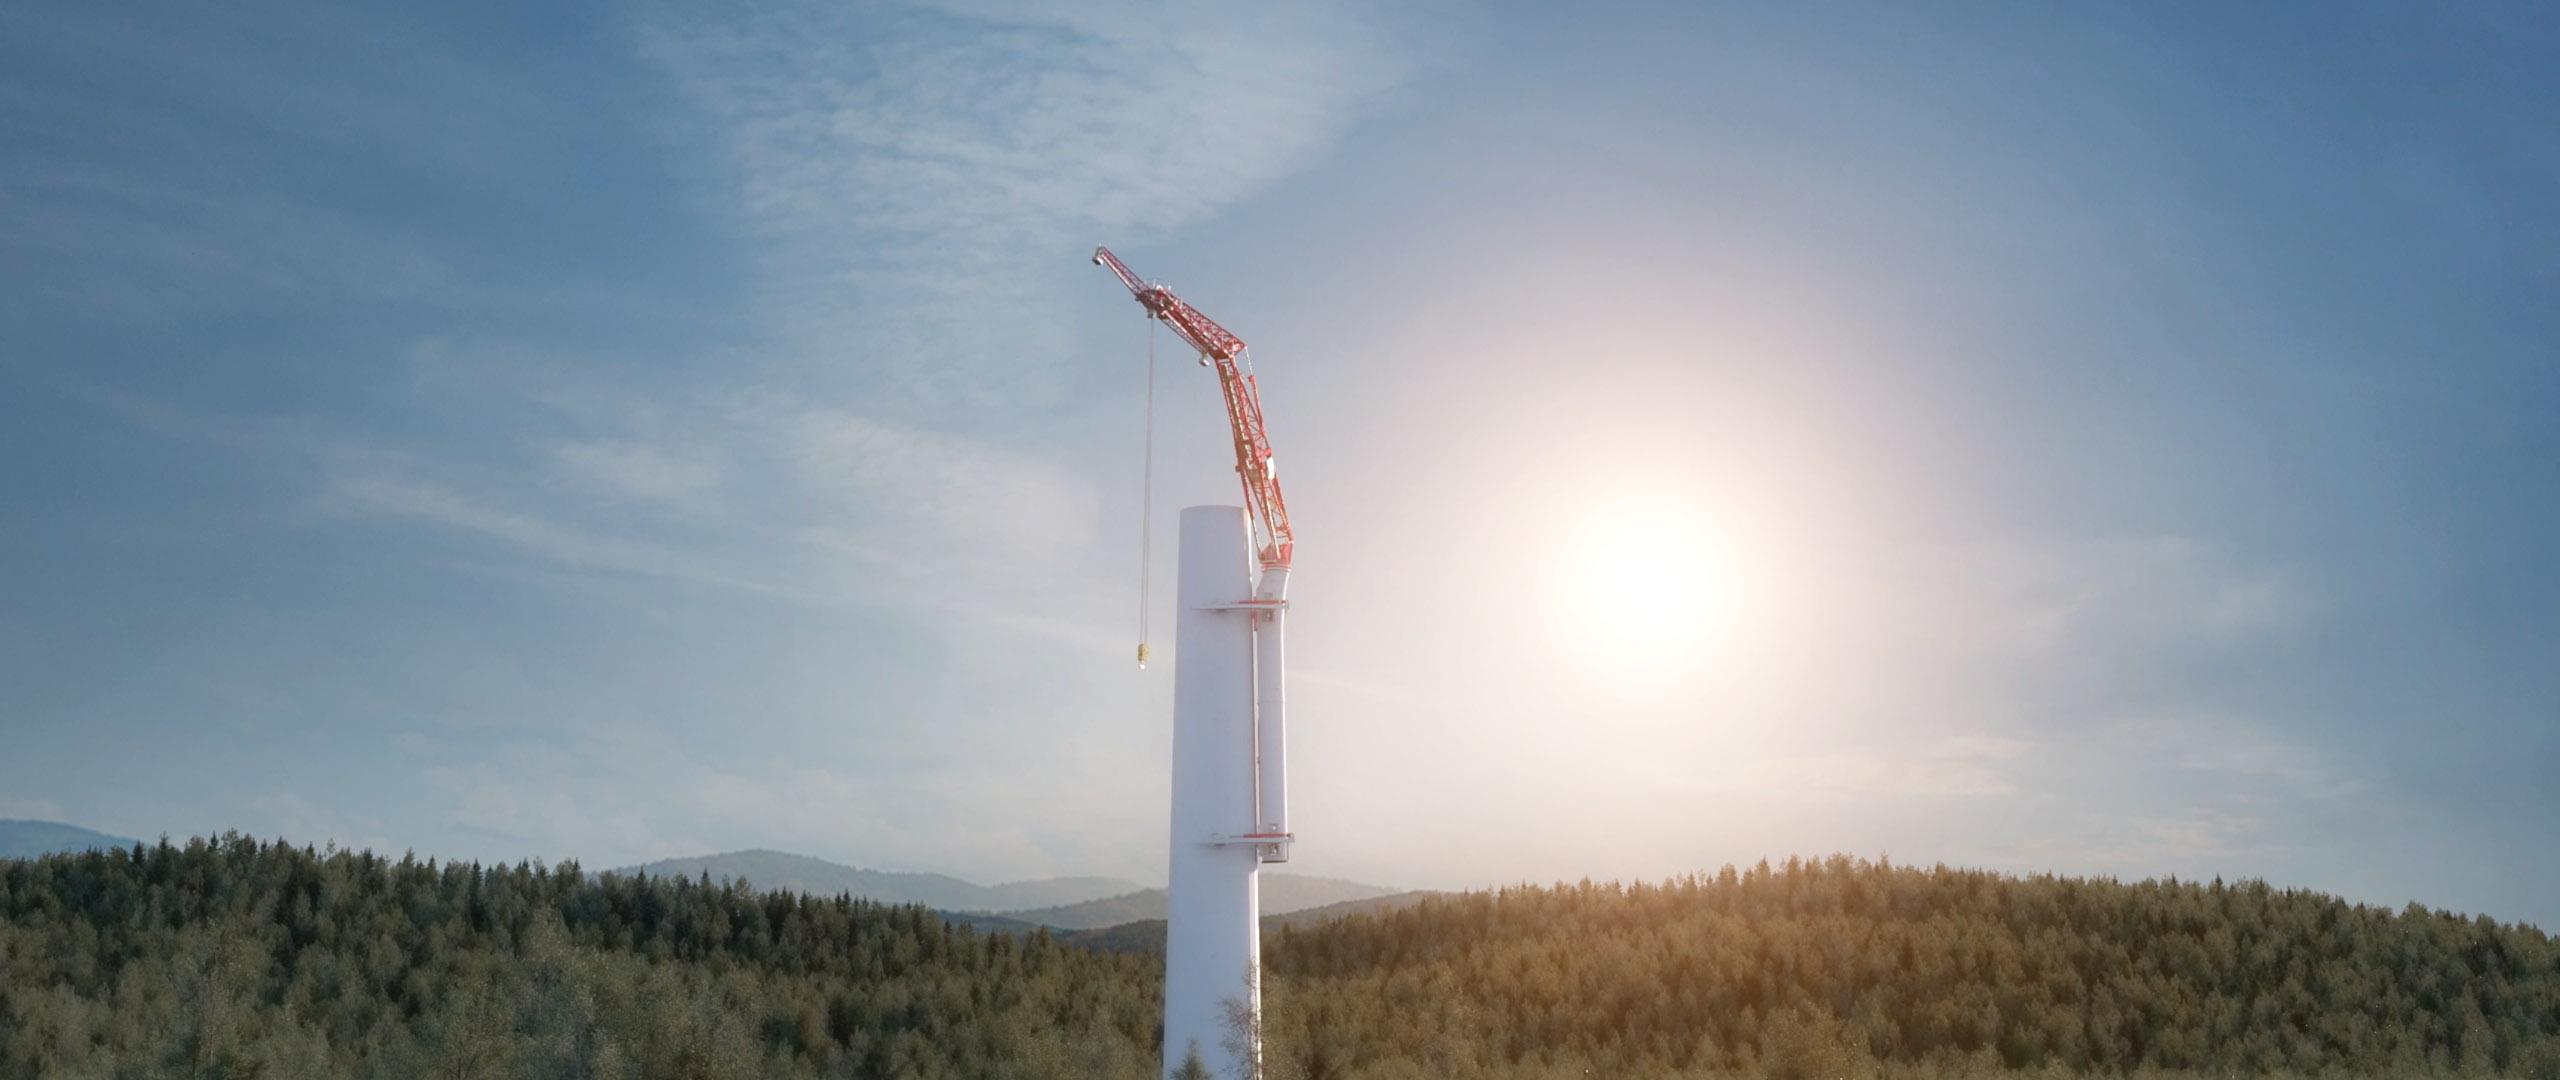 Climbing crane / Enercon